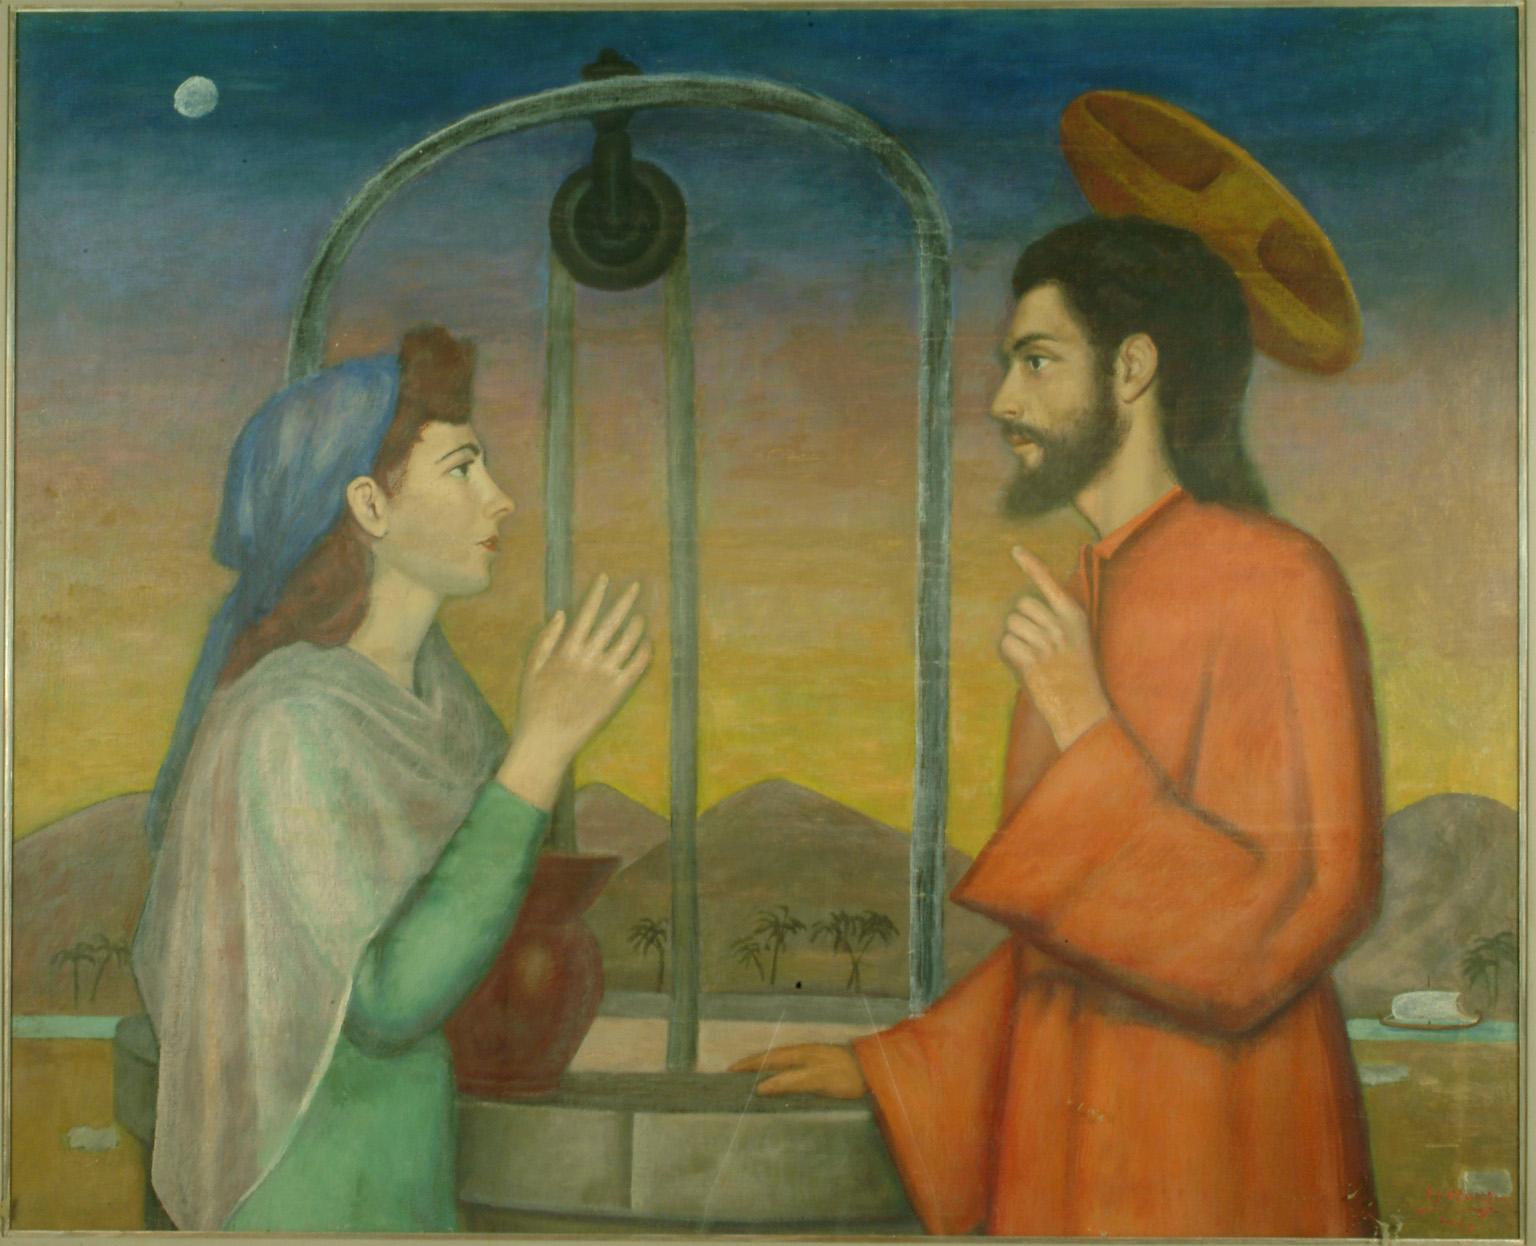 Speranza Francesco, Cristo e la Samaritana presso il pozzo, 1952, tempera su tavola